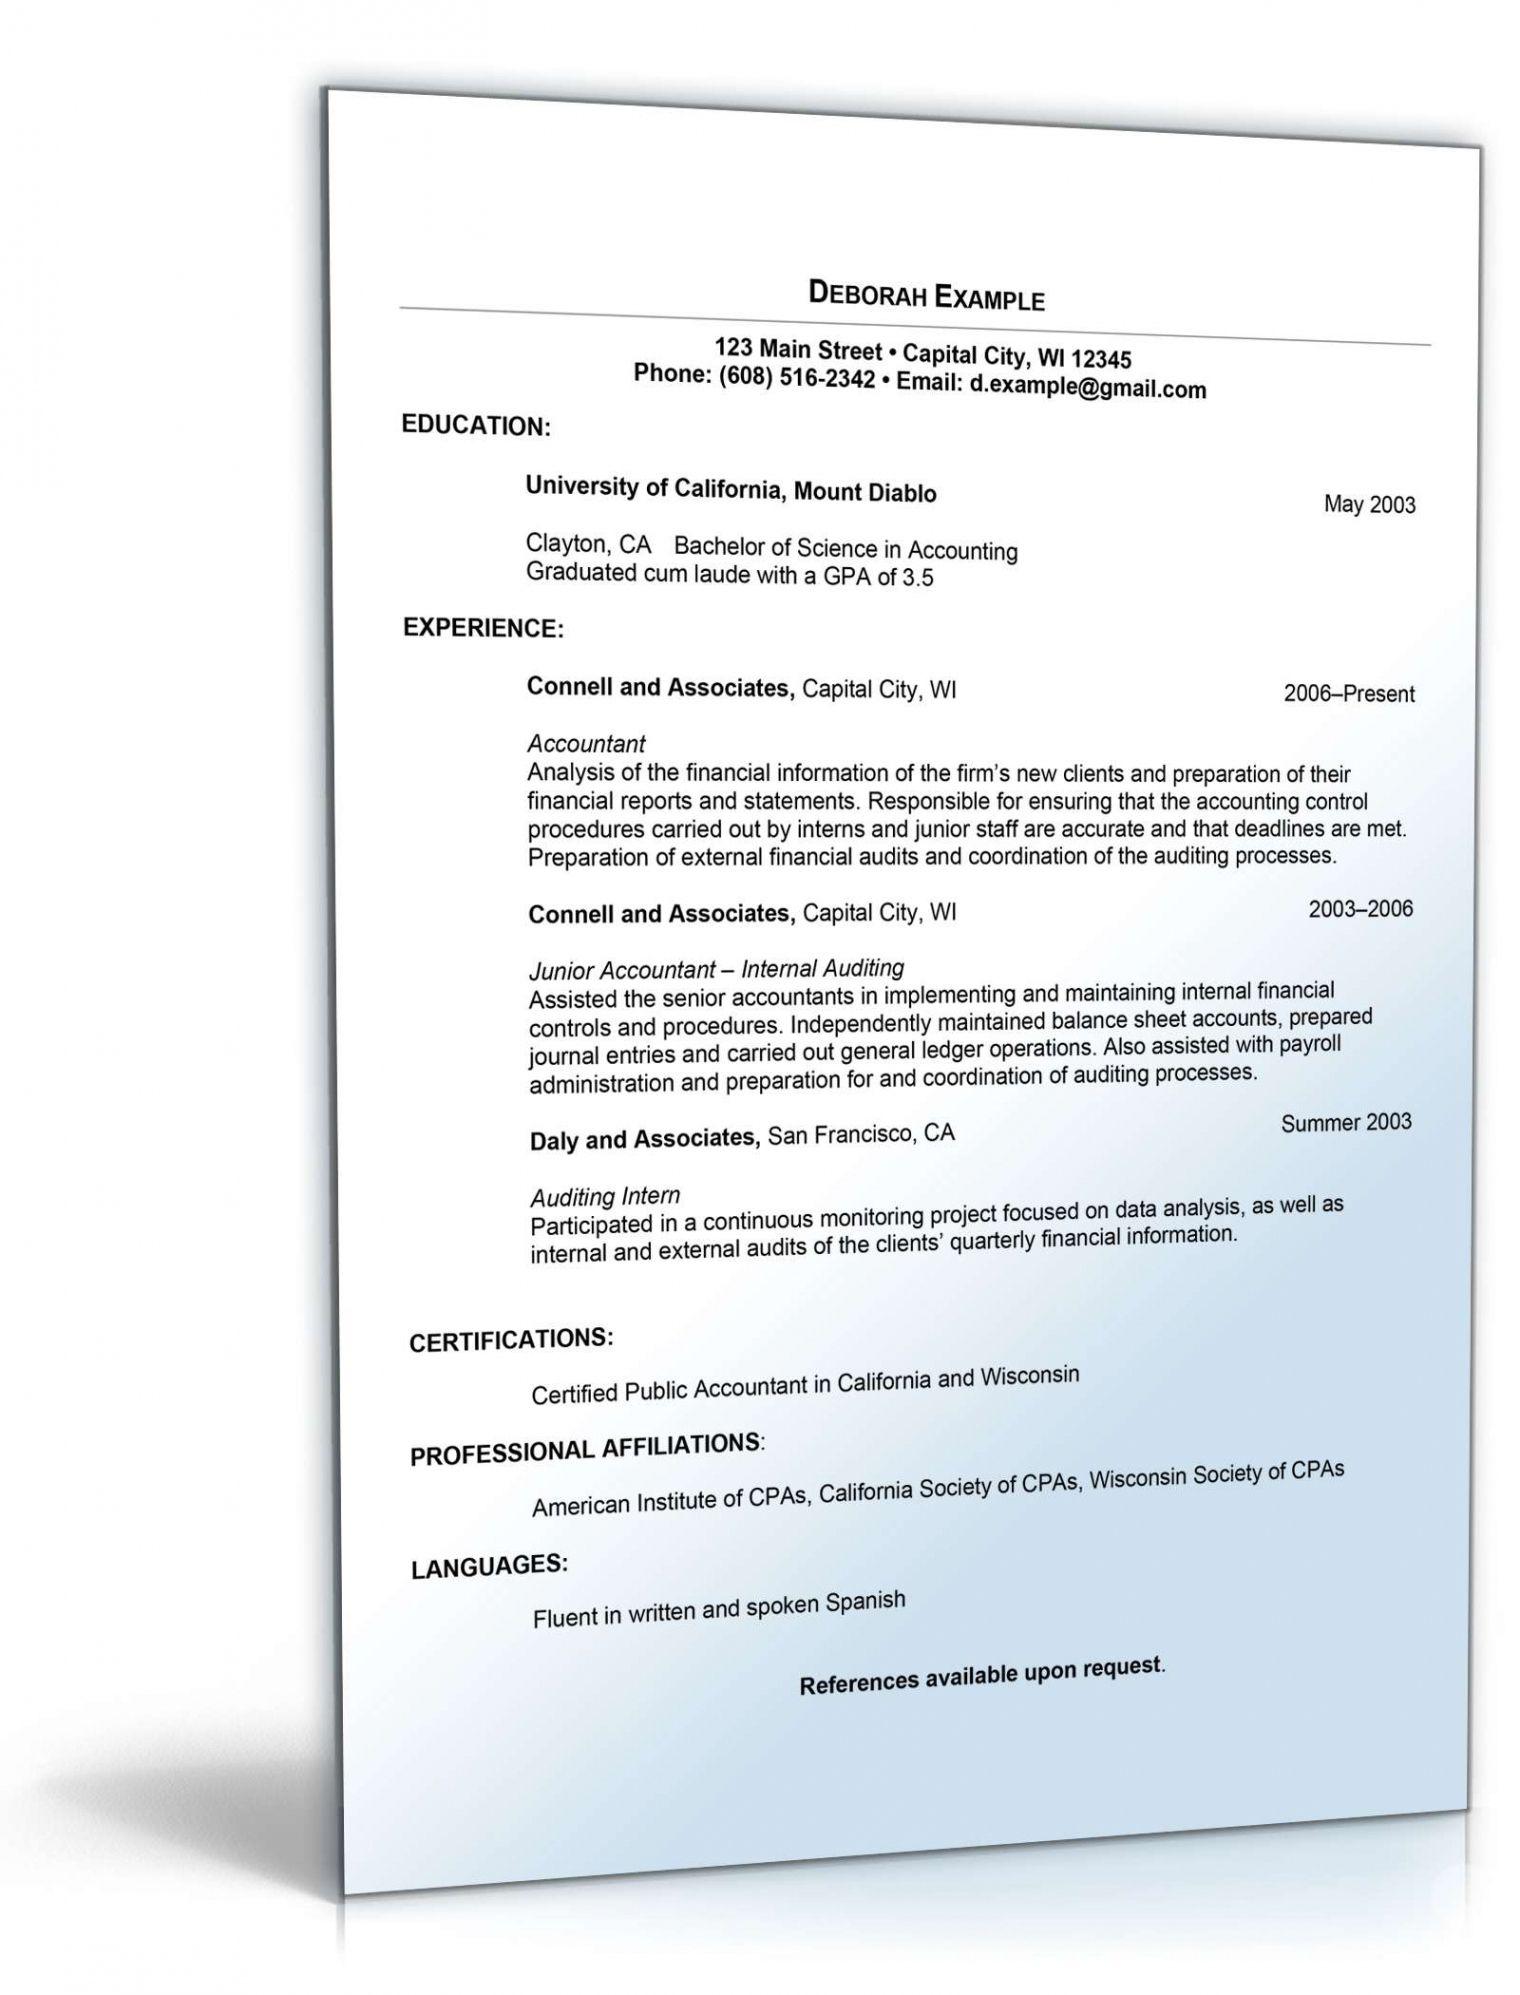 Scrollen Unsere Druckbar Von Vorlage Lebenslauf Englisch Usa Vorlagen Lebenslauf Lebenslauf Lebenslauf Muster